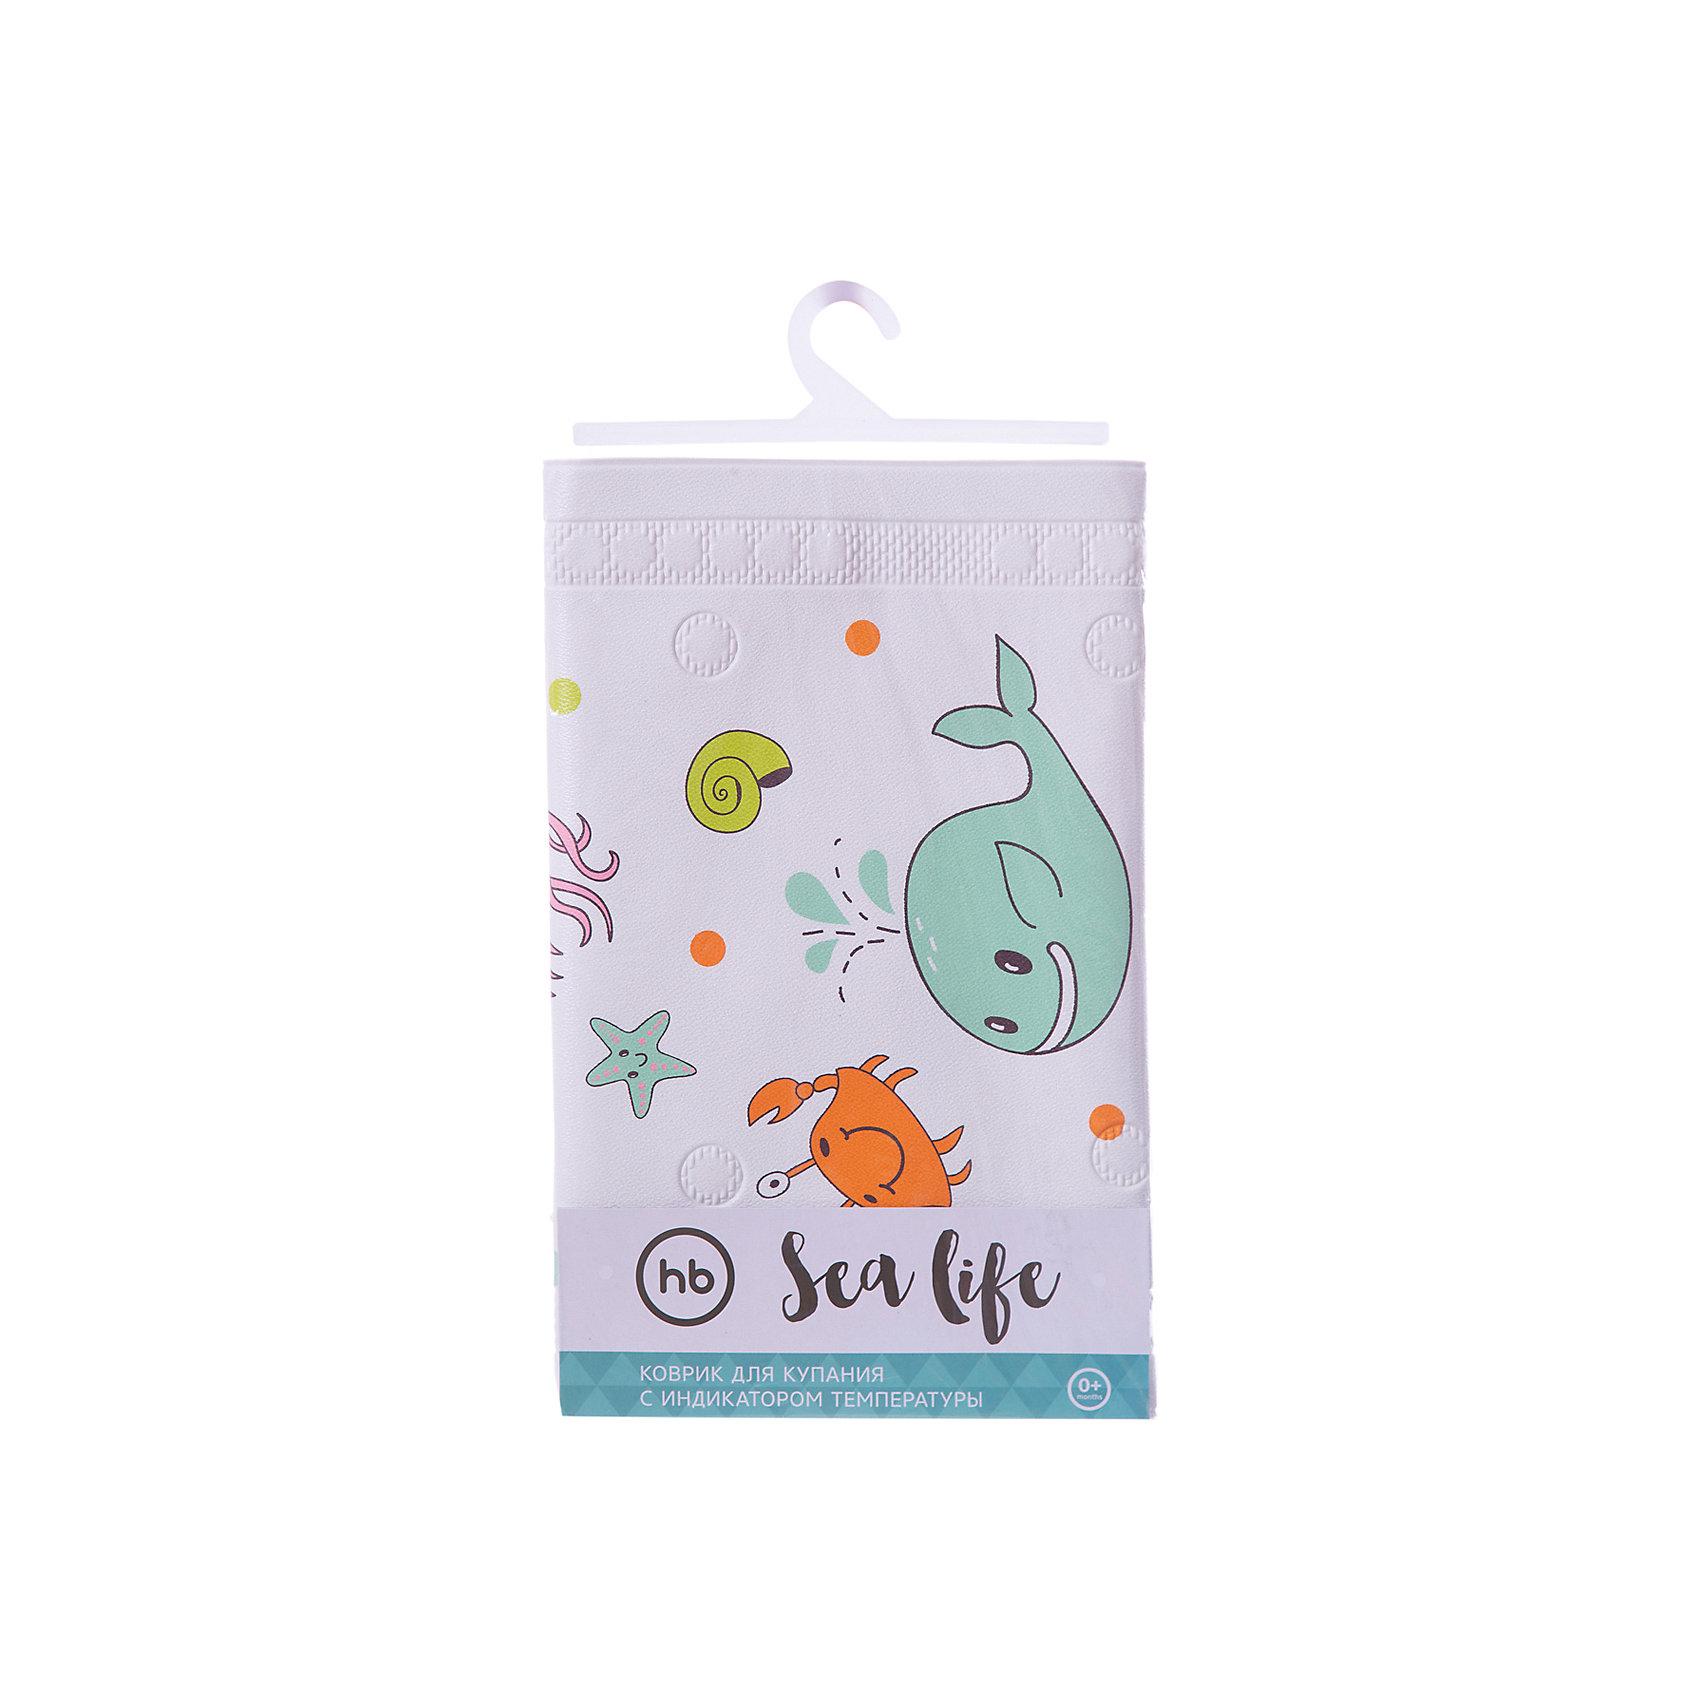 Коврик в ванну Sea Life, Happy BabyПрочие аксессуары<br>Коврик для купания оснащён термоиндикатором, который позволит визуально определить повышение температуры воды. Благодаря присоскам коврик прочно зафиксируется на дне ванны. Высококачественный материал коврика легко моется, абсолютно безопасен для малышей. <br>Интересный яркий дизайн с изображением обитателей морского мира заинтересует кроху и превратит купание в весёлую игру, мягкий материал сделает пребывание малыша в воде комфортным.<br><br>Дополнительная информация:<br><br>- Материал: поливинилхлорид.<br>- Размер: 91х40 см. <br>- Крепление: присоски. <br>- Индикатор температуры. <br><br>Коврик для купания с сиденьем Sea Life Plus, Happy Baby (Хеппи Беби), можно купить в нашем магазине.<br><br>Ширина мм: 85<br>Глубина мм: 45<br>Высота мм: 350<br>Вес г: 240<br>Возраст от месяцев: 6<br>Возраст до месяцев: 216<br>Пол: Унисекс<br>Возраст: Детский<br>SKU: 4452326